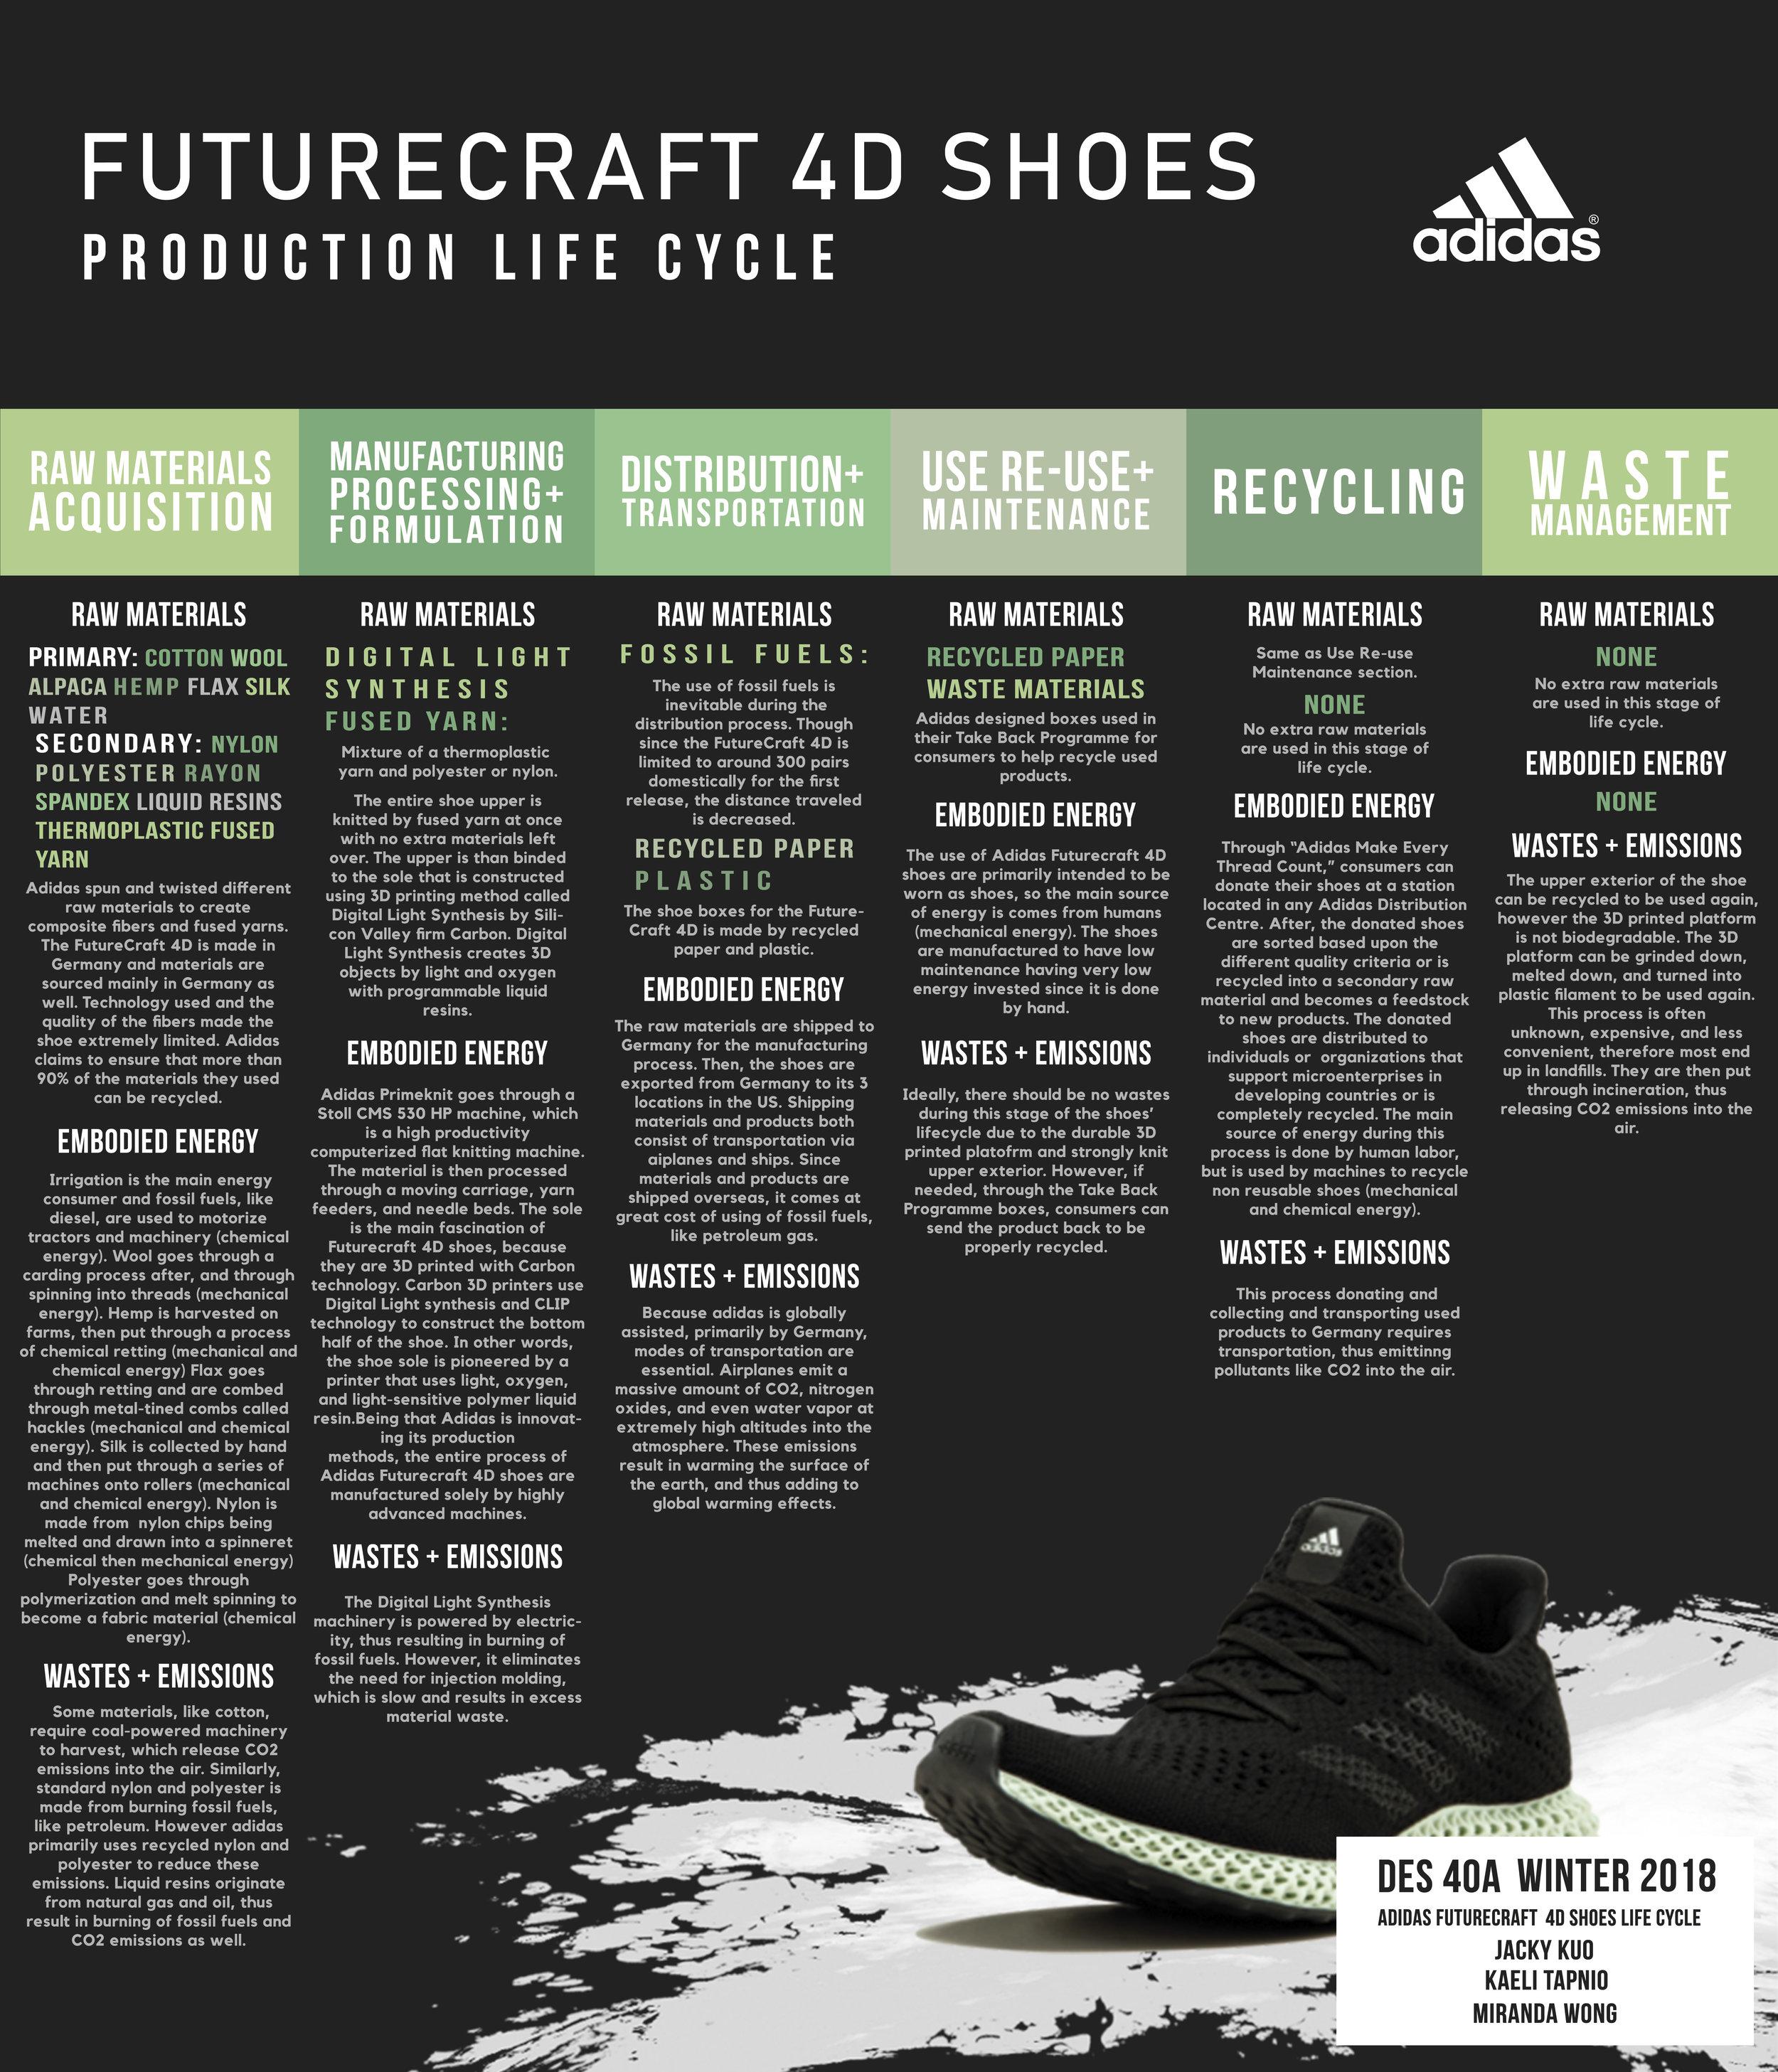 adidas Futurecraft 4D Poster (final jpg).jpg